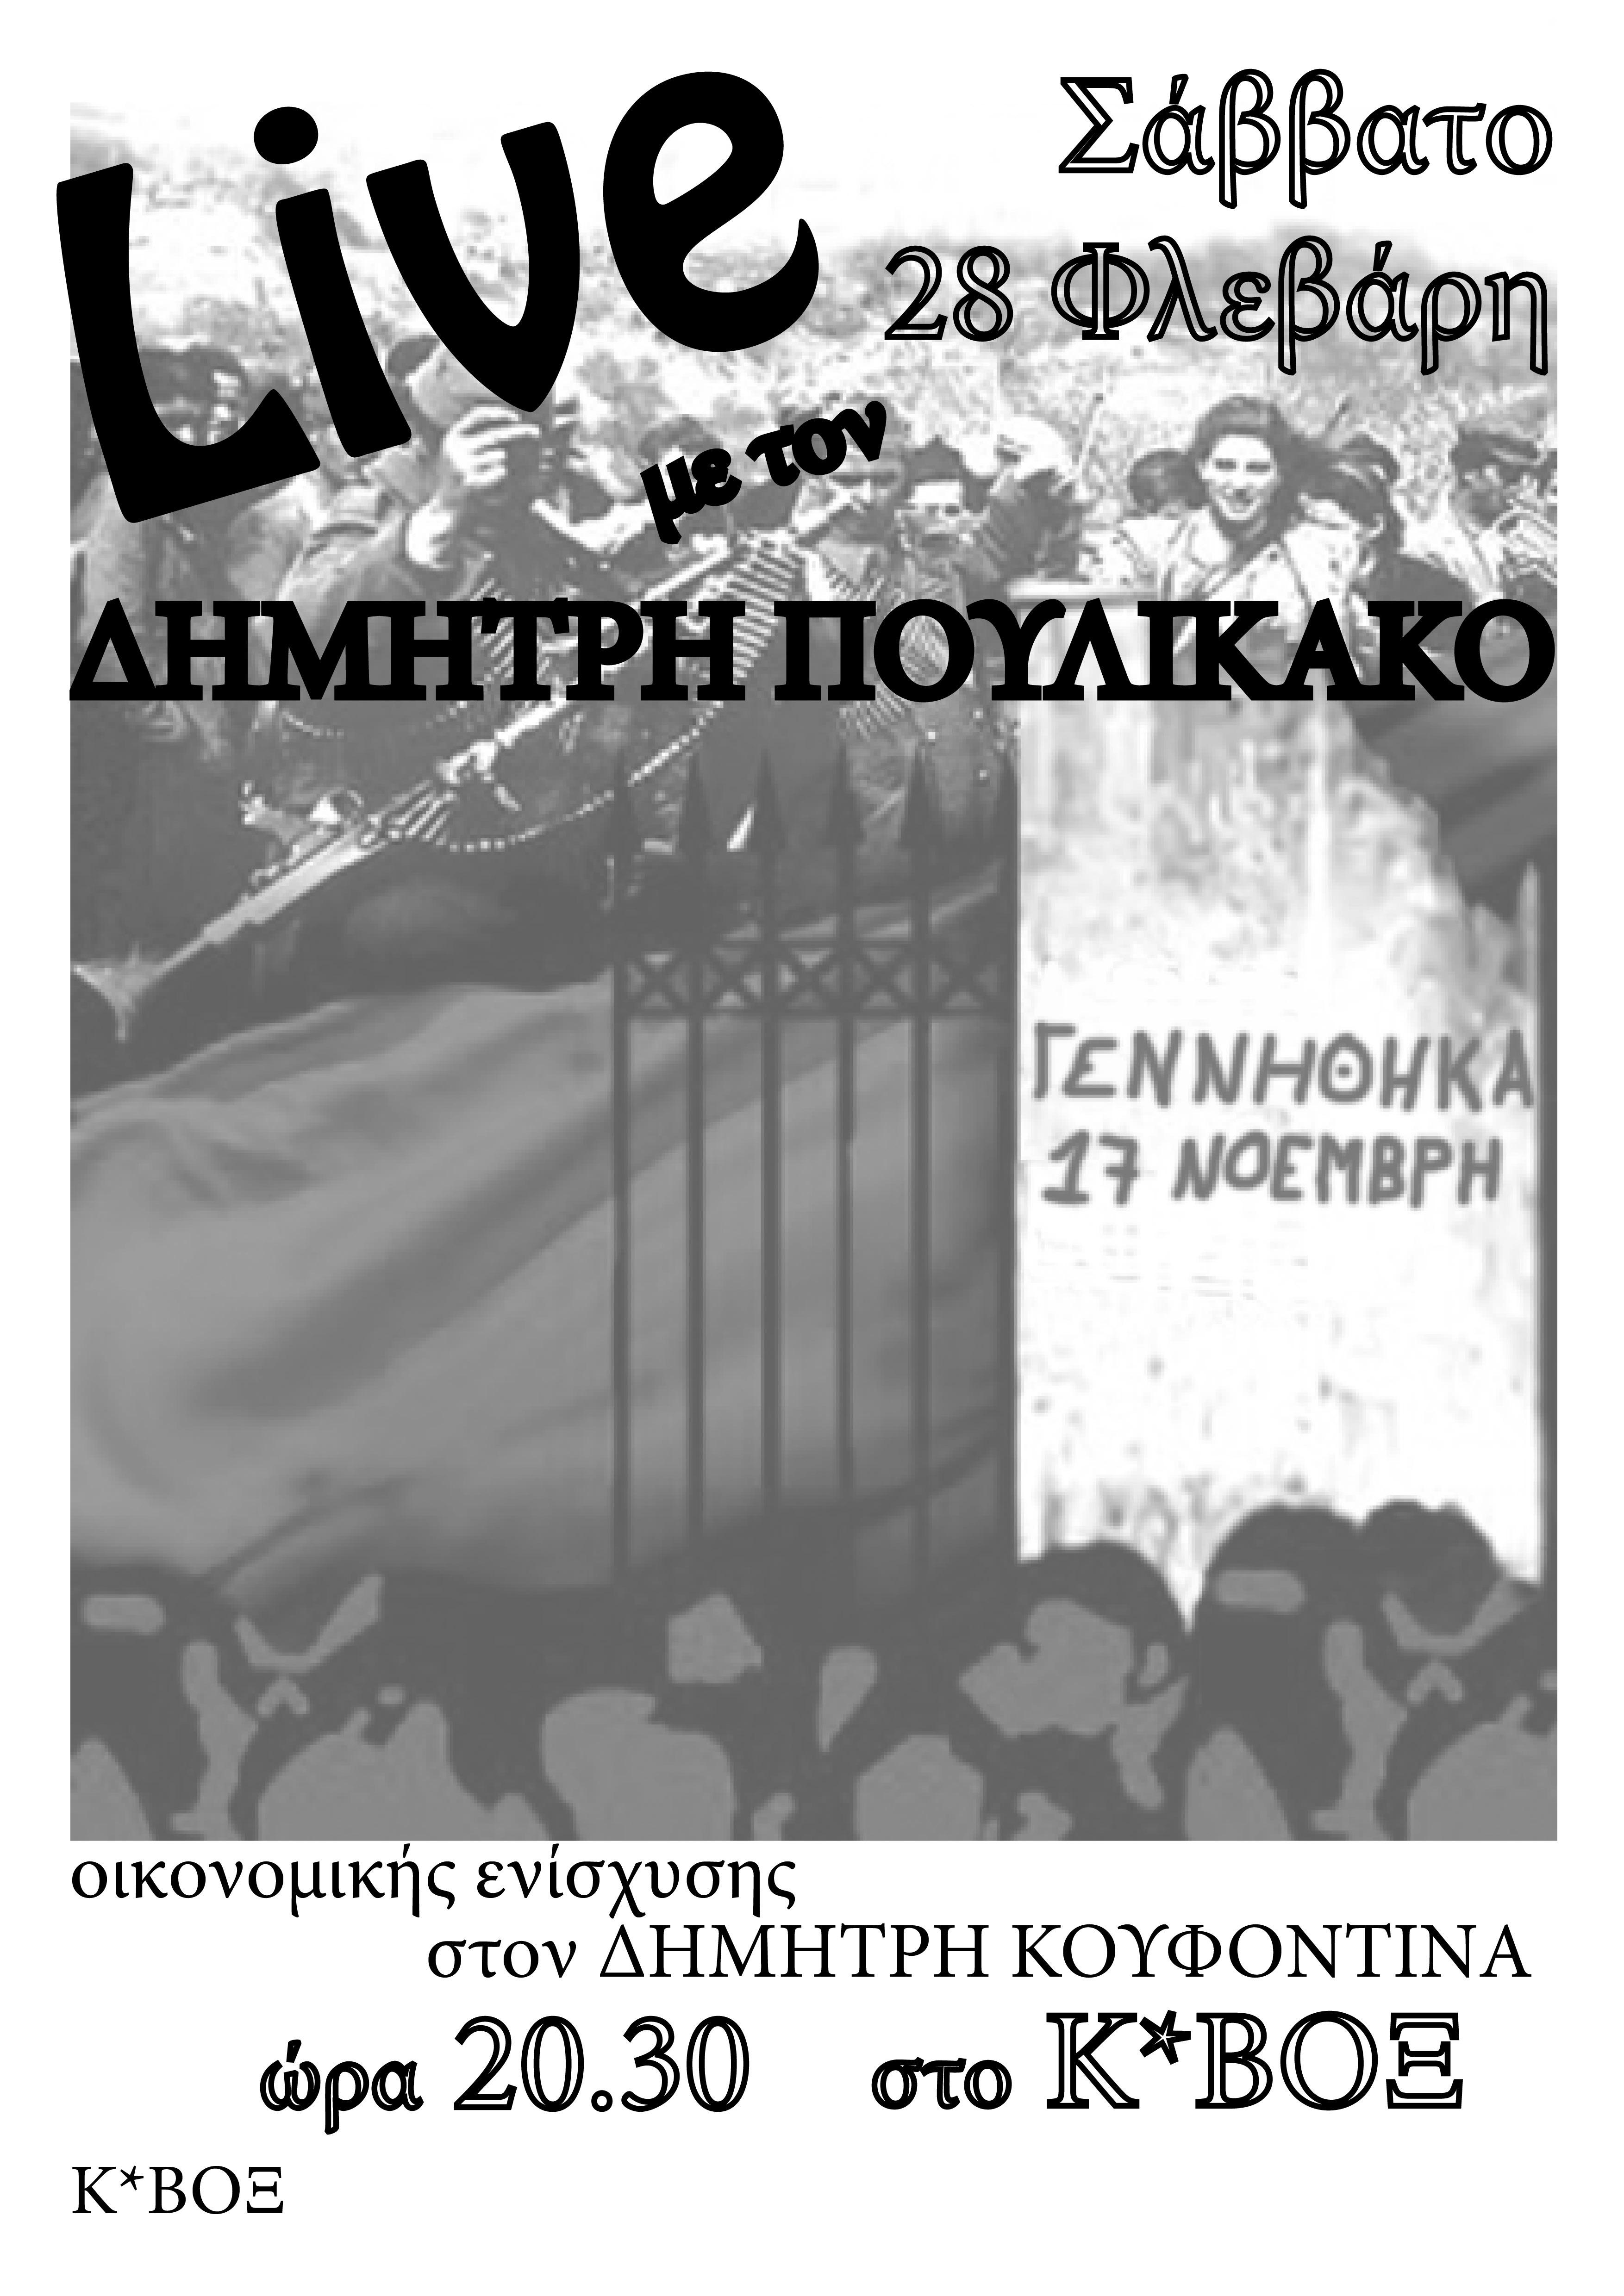 Συναυλία στο Κ*ΒΟΞ το Σάββατο 28/2 για την οικονομική ενίσχυση του Δ.Κουφοντίνα